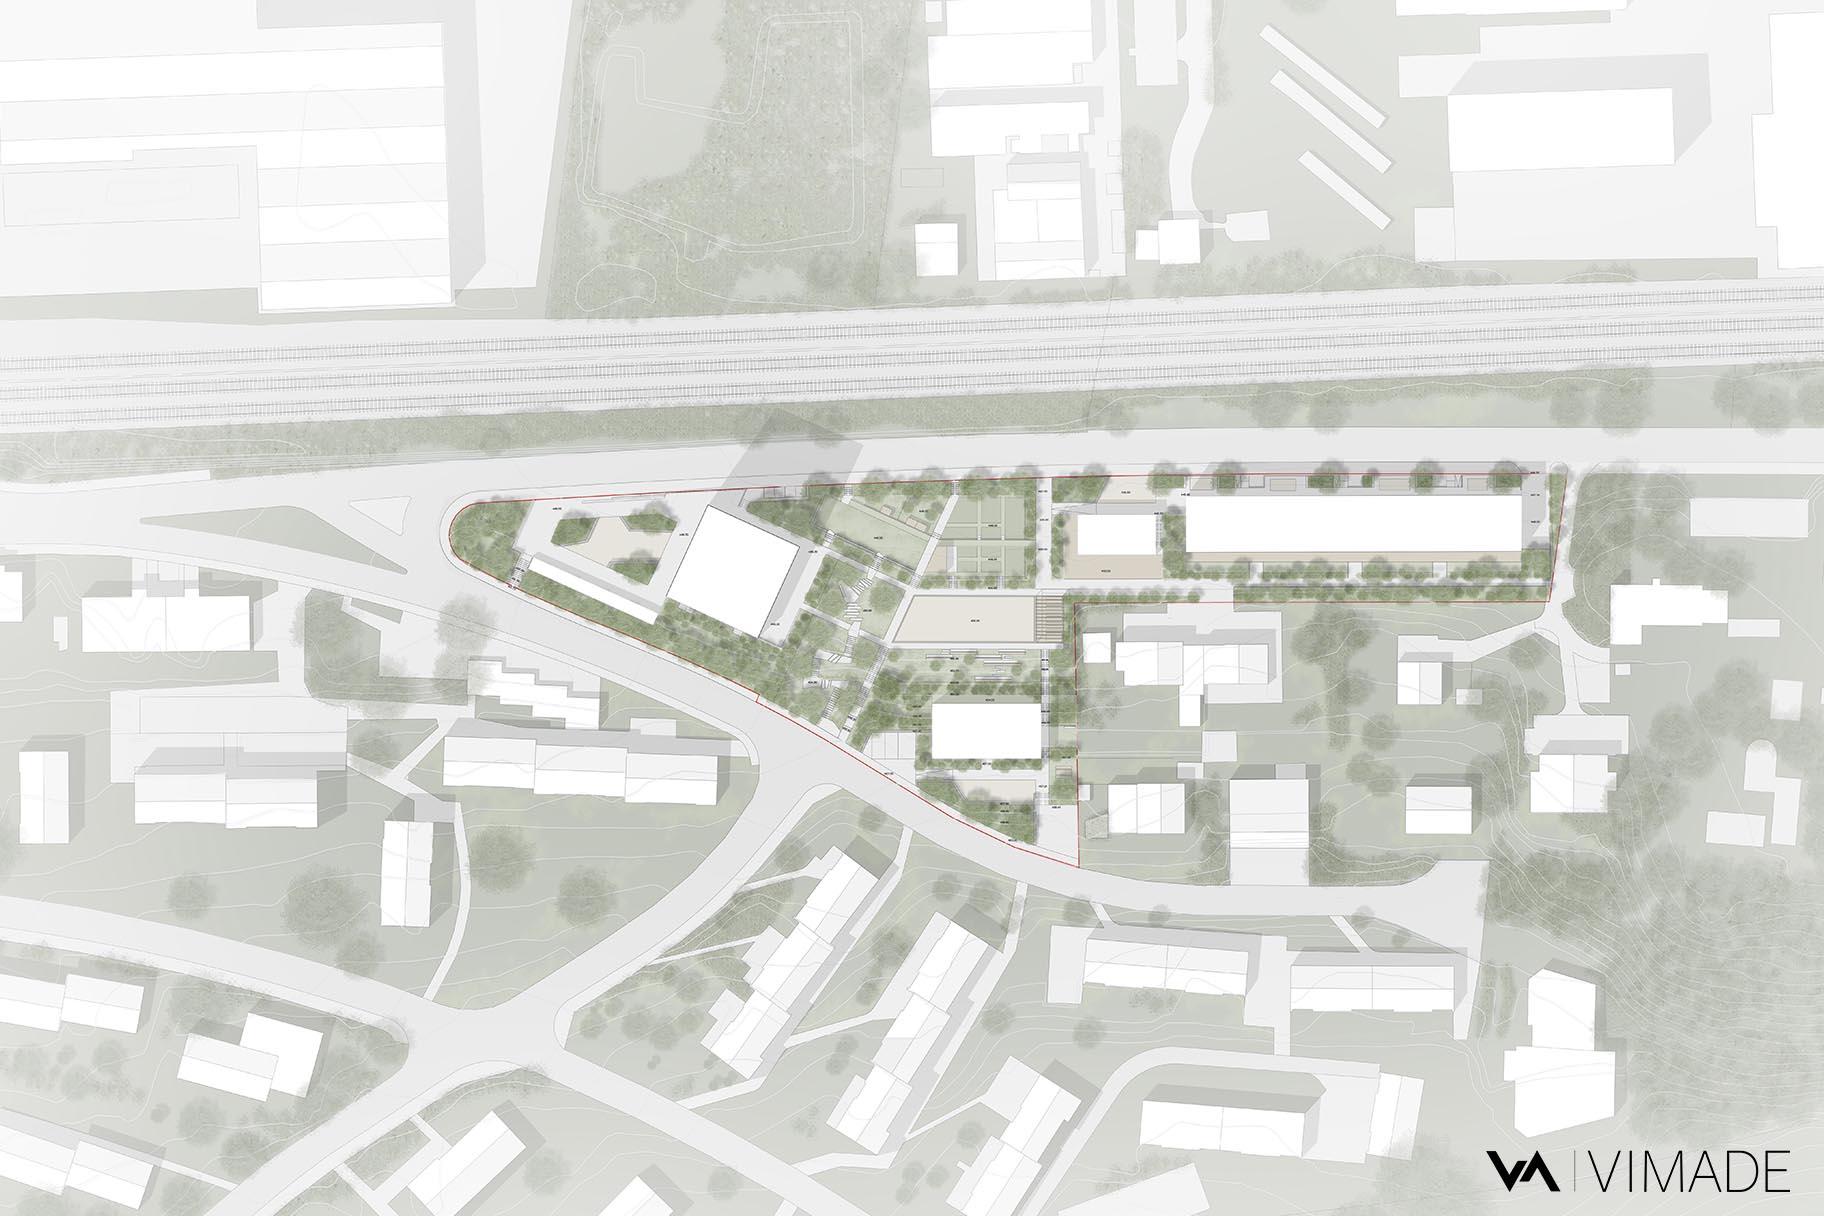 Plan d'ensemble pour un concours d'architecture pour des logements coopératif au Chemin Mettlen à Bienne, VIMADE Architectes paysagiste et ATBA Architectes